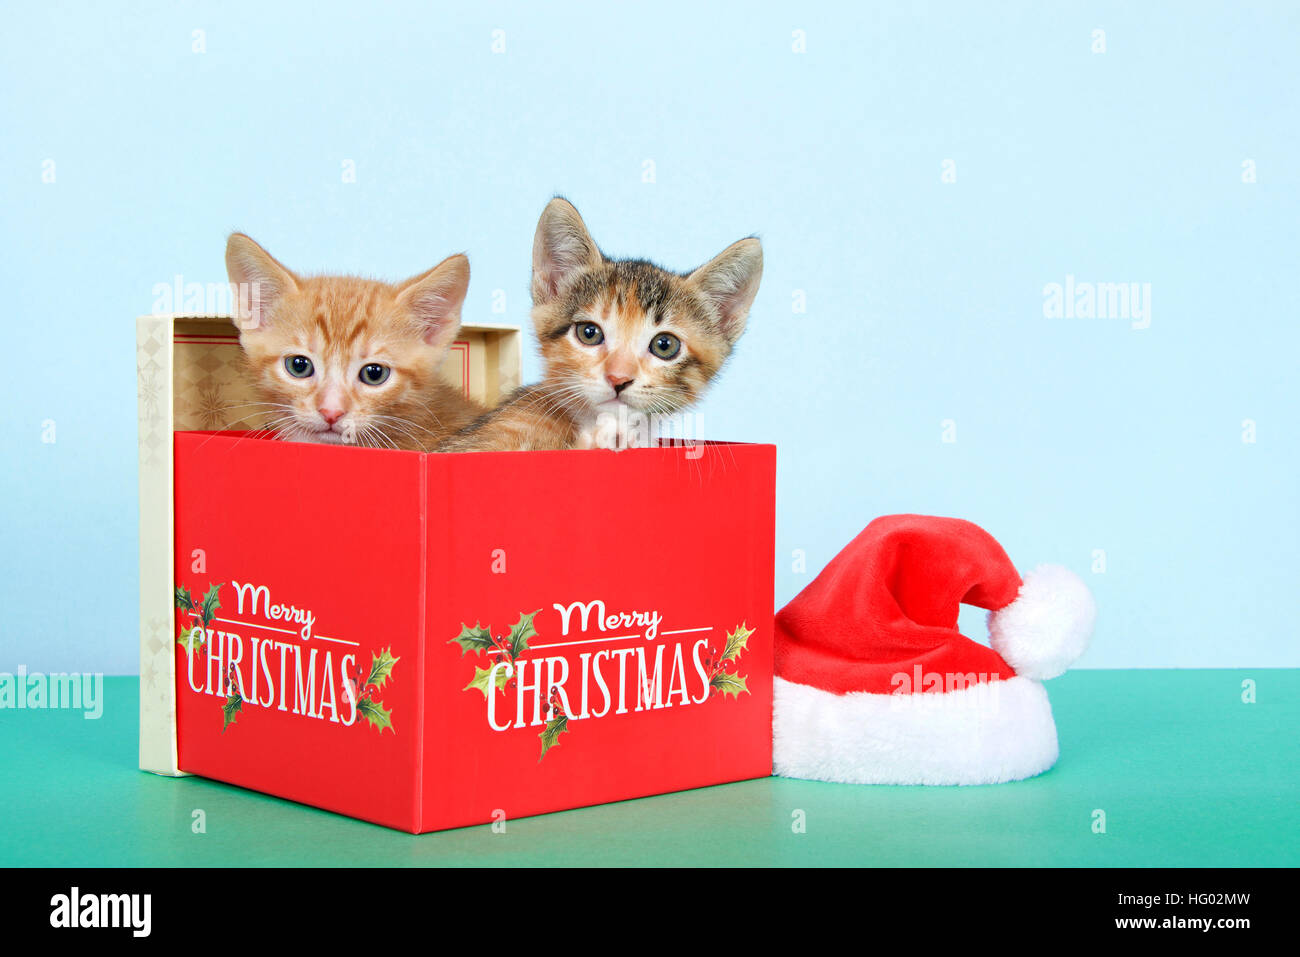 86349e7b34f4b naranja-atigrado-y-calico-tortie-tabby-gatitos-en-una-caja-navidad -roja-junto-al-pequeno-gorro-de-papa-noel-en-el-cuadro-verde-con-fondo-de-color-azul-claro  ...